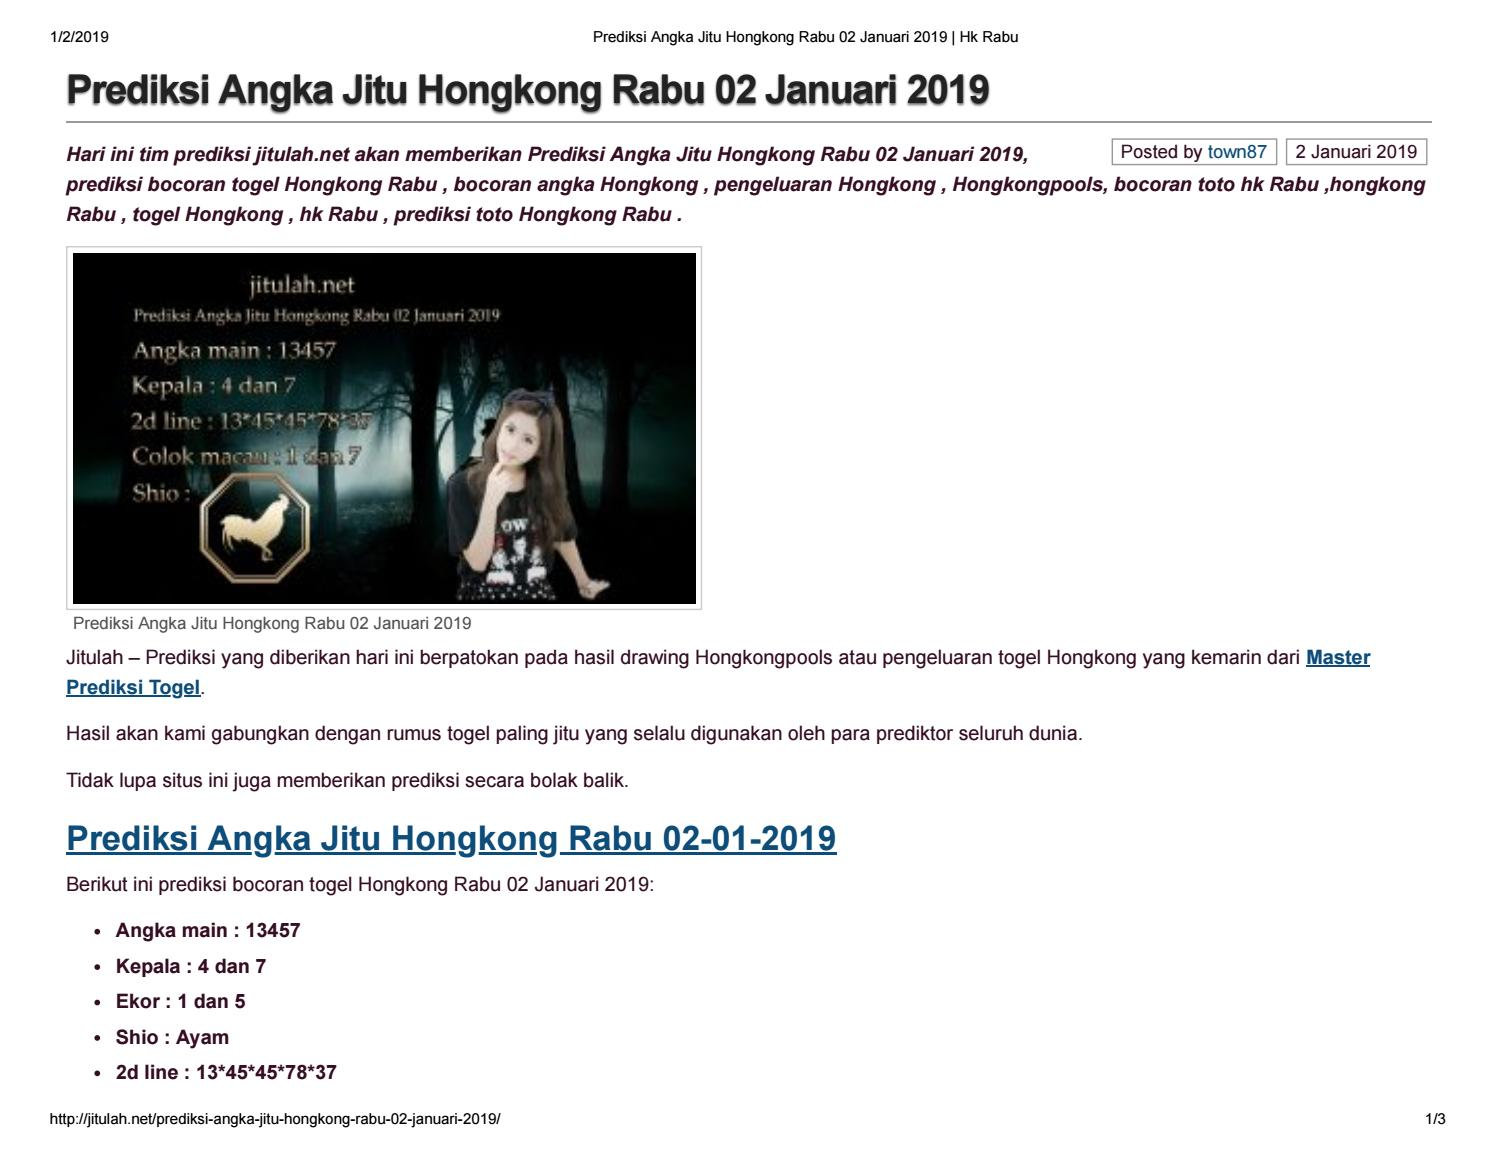 Prediksi Angka Jitu Hongkong Rabu 02 Januari 2019